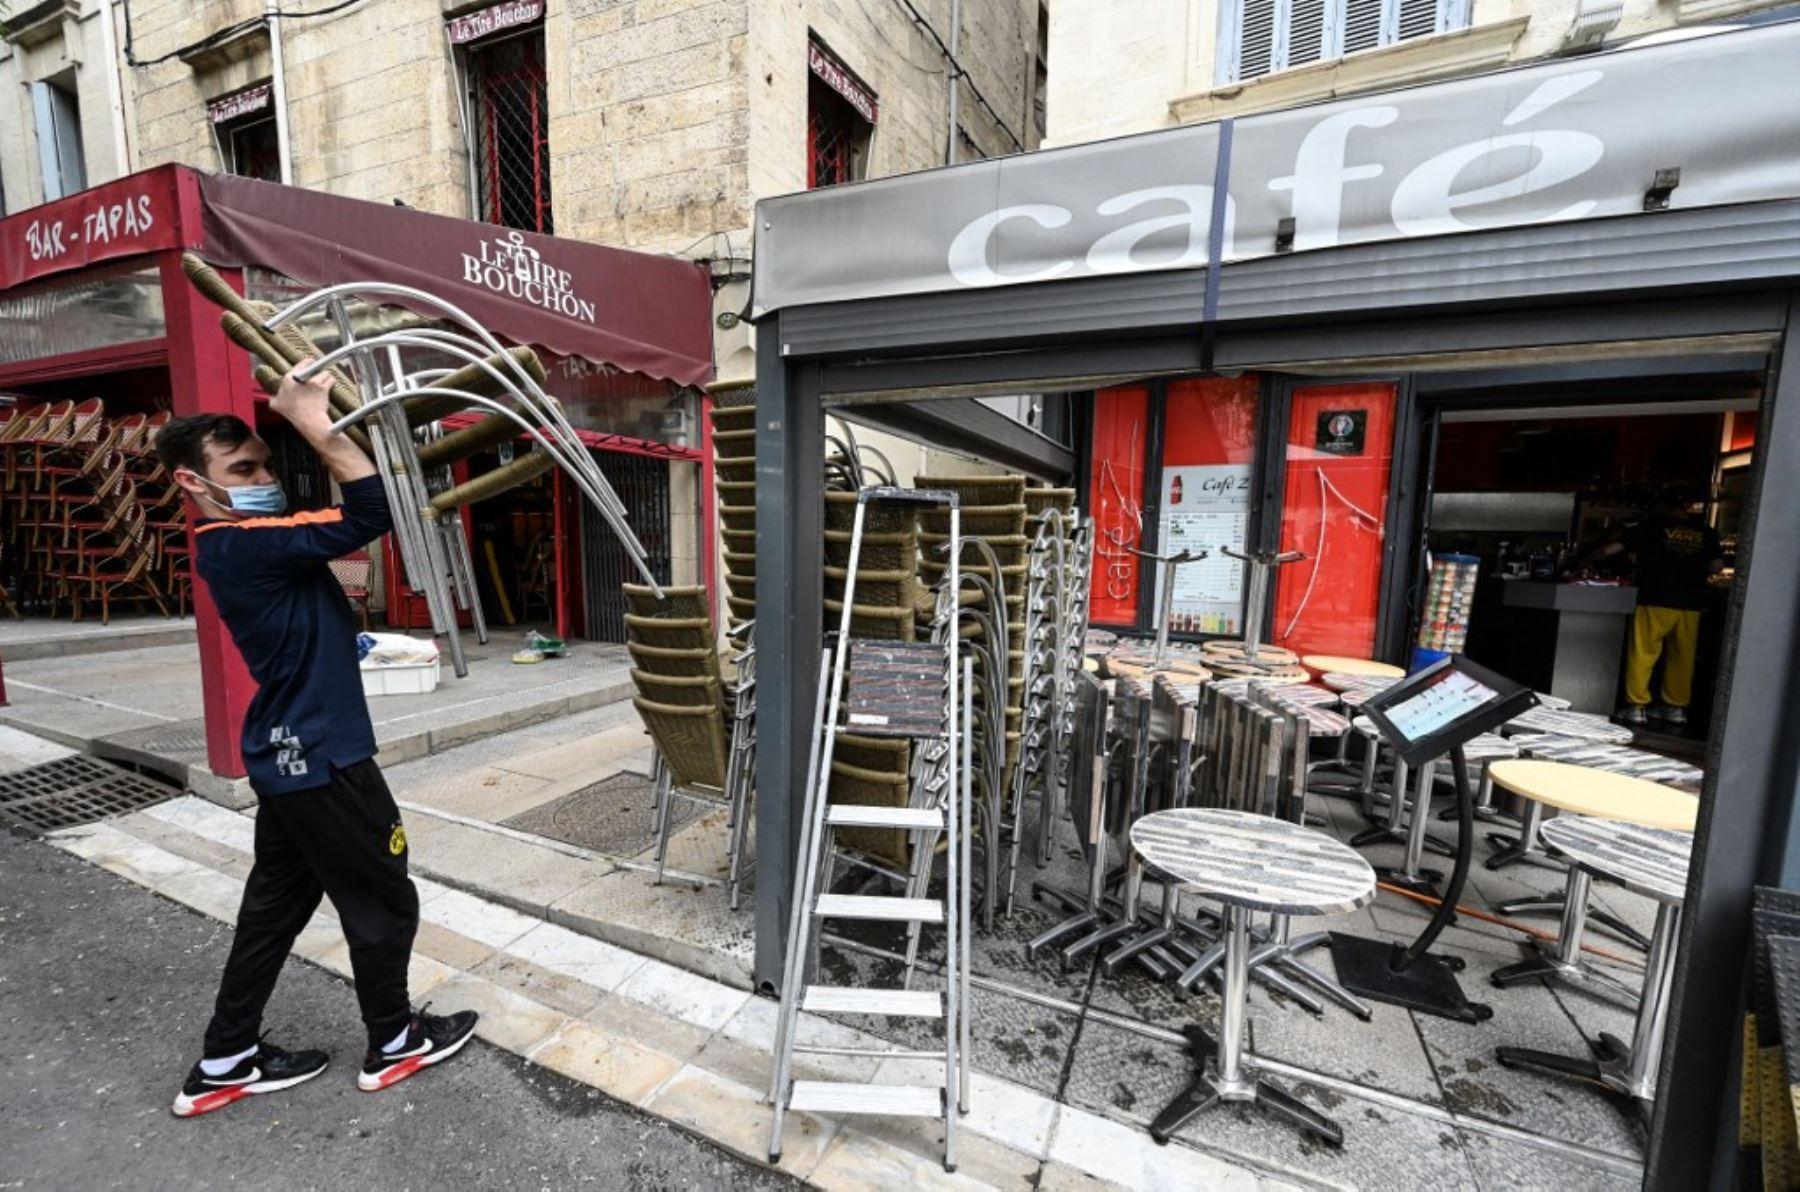 Un hombre instala la terraza de un restaurante en la ciudad de Montpellier, en el sur de Francia, el 17 de mayo de 2021. Foto: AFP